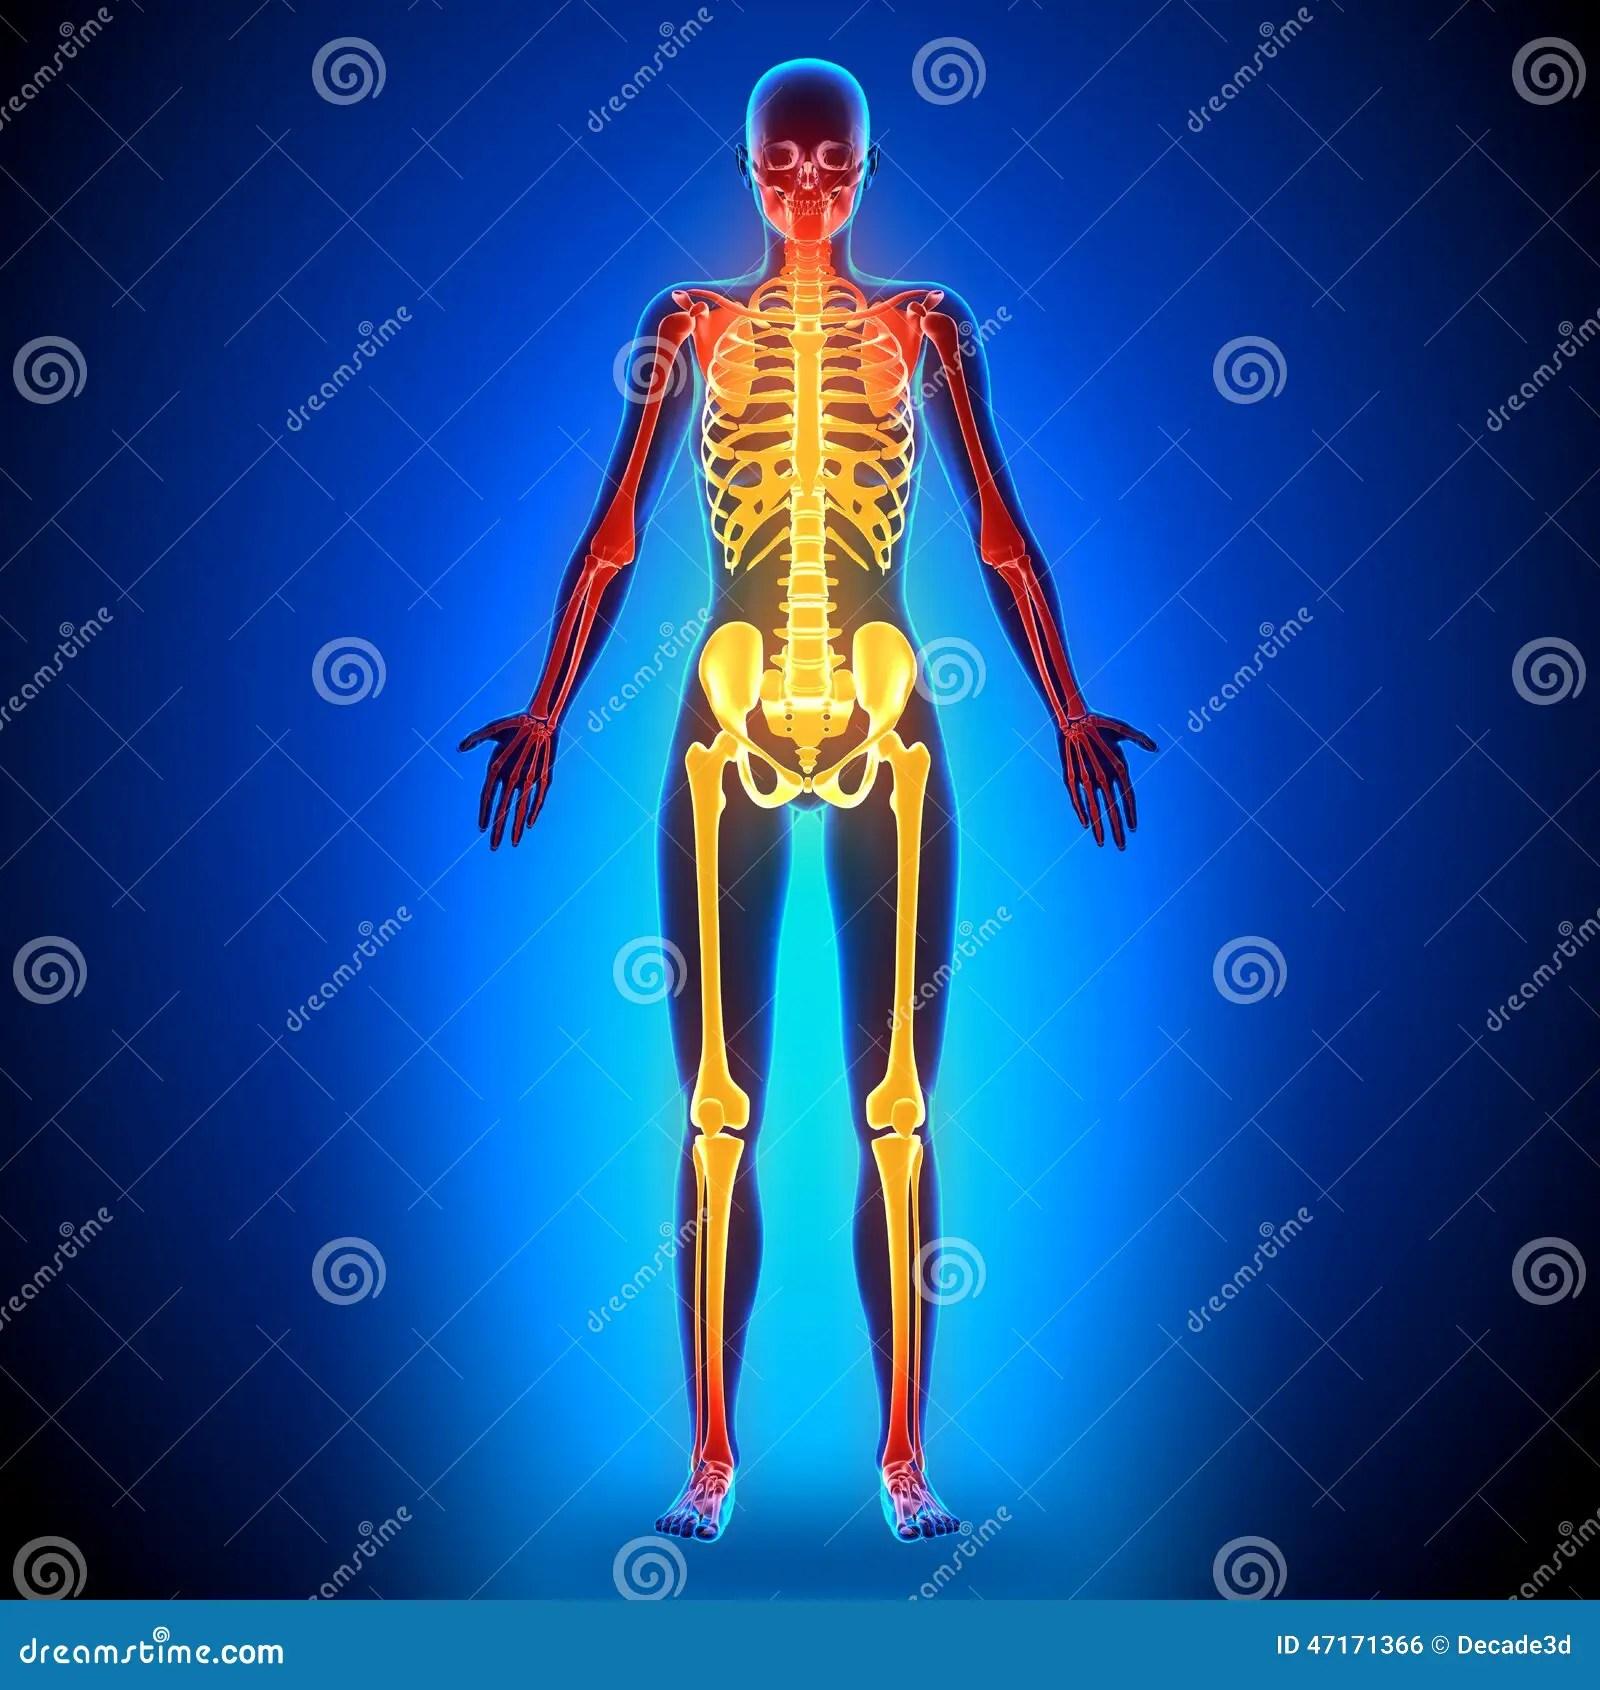 hight resolution of female full skeleton anatomy bones